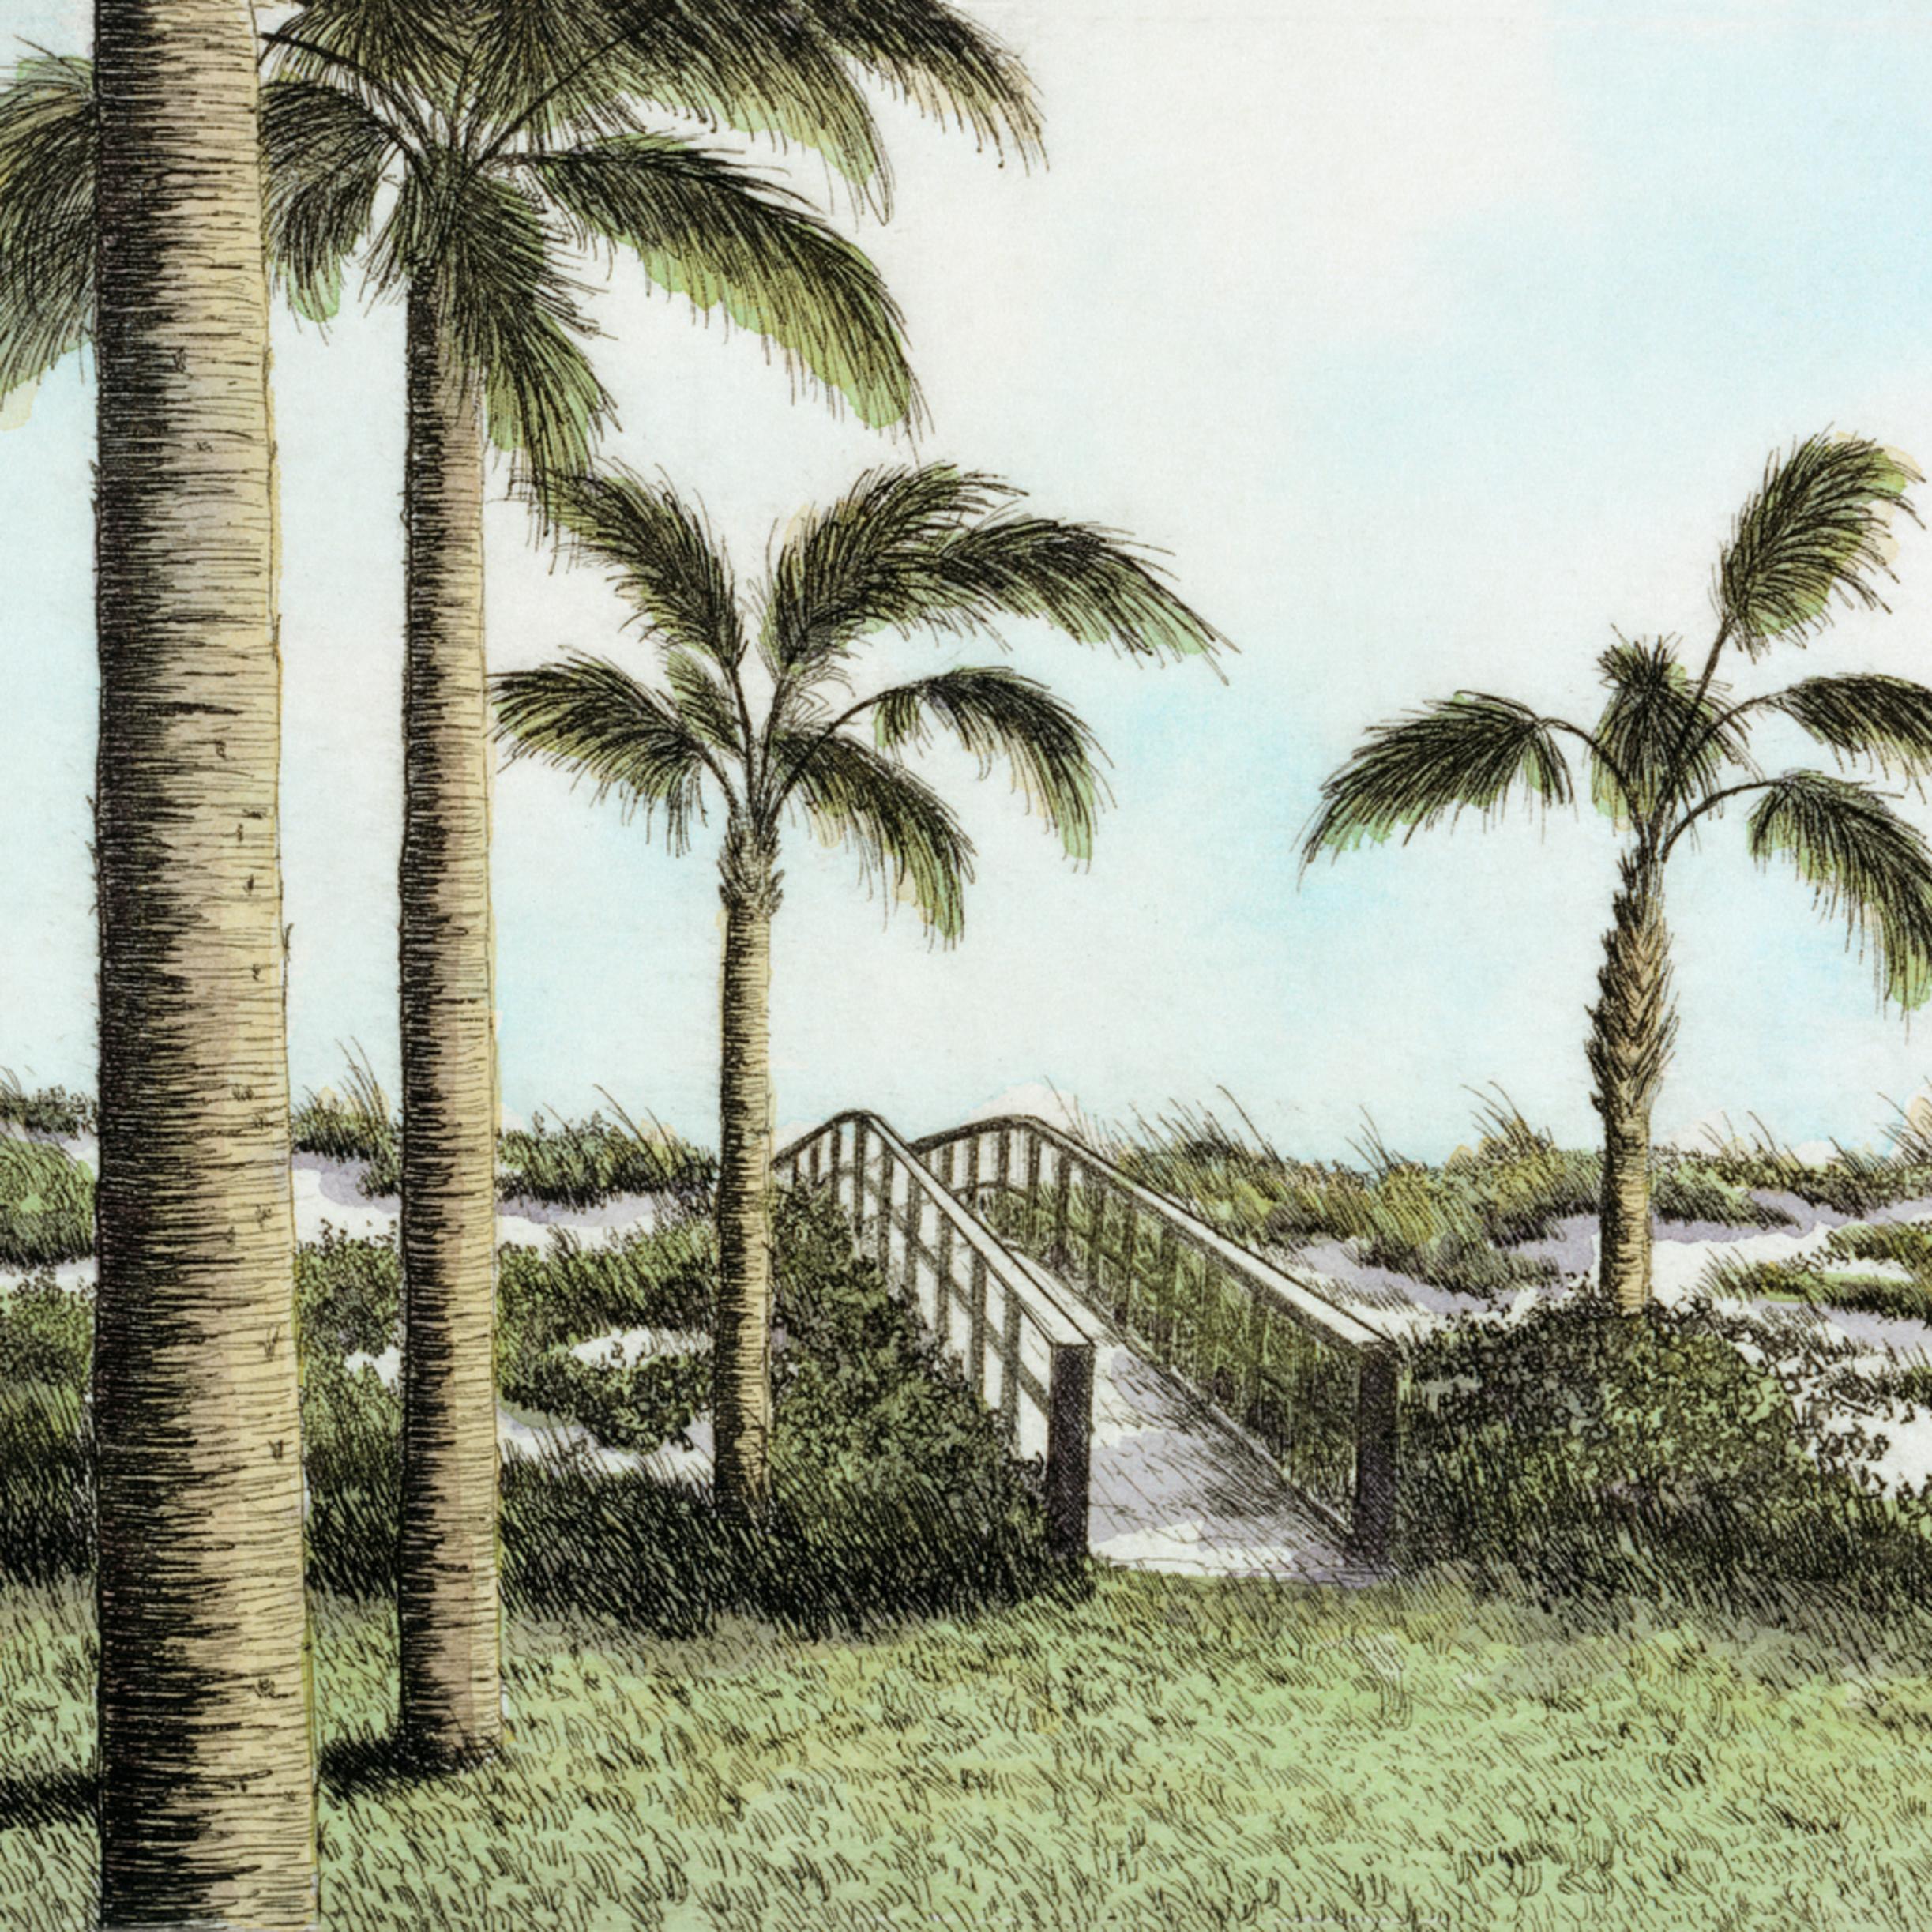 Isle of palms 9x7 pf5plj